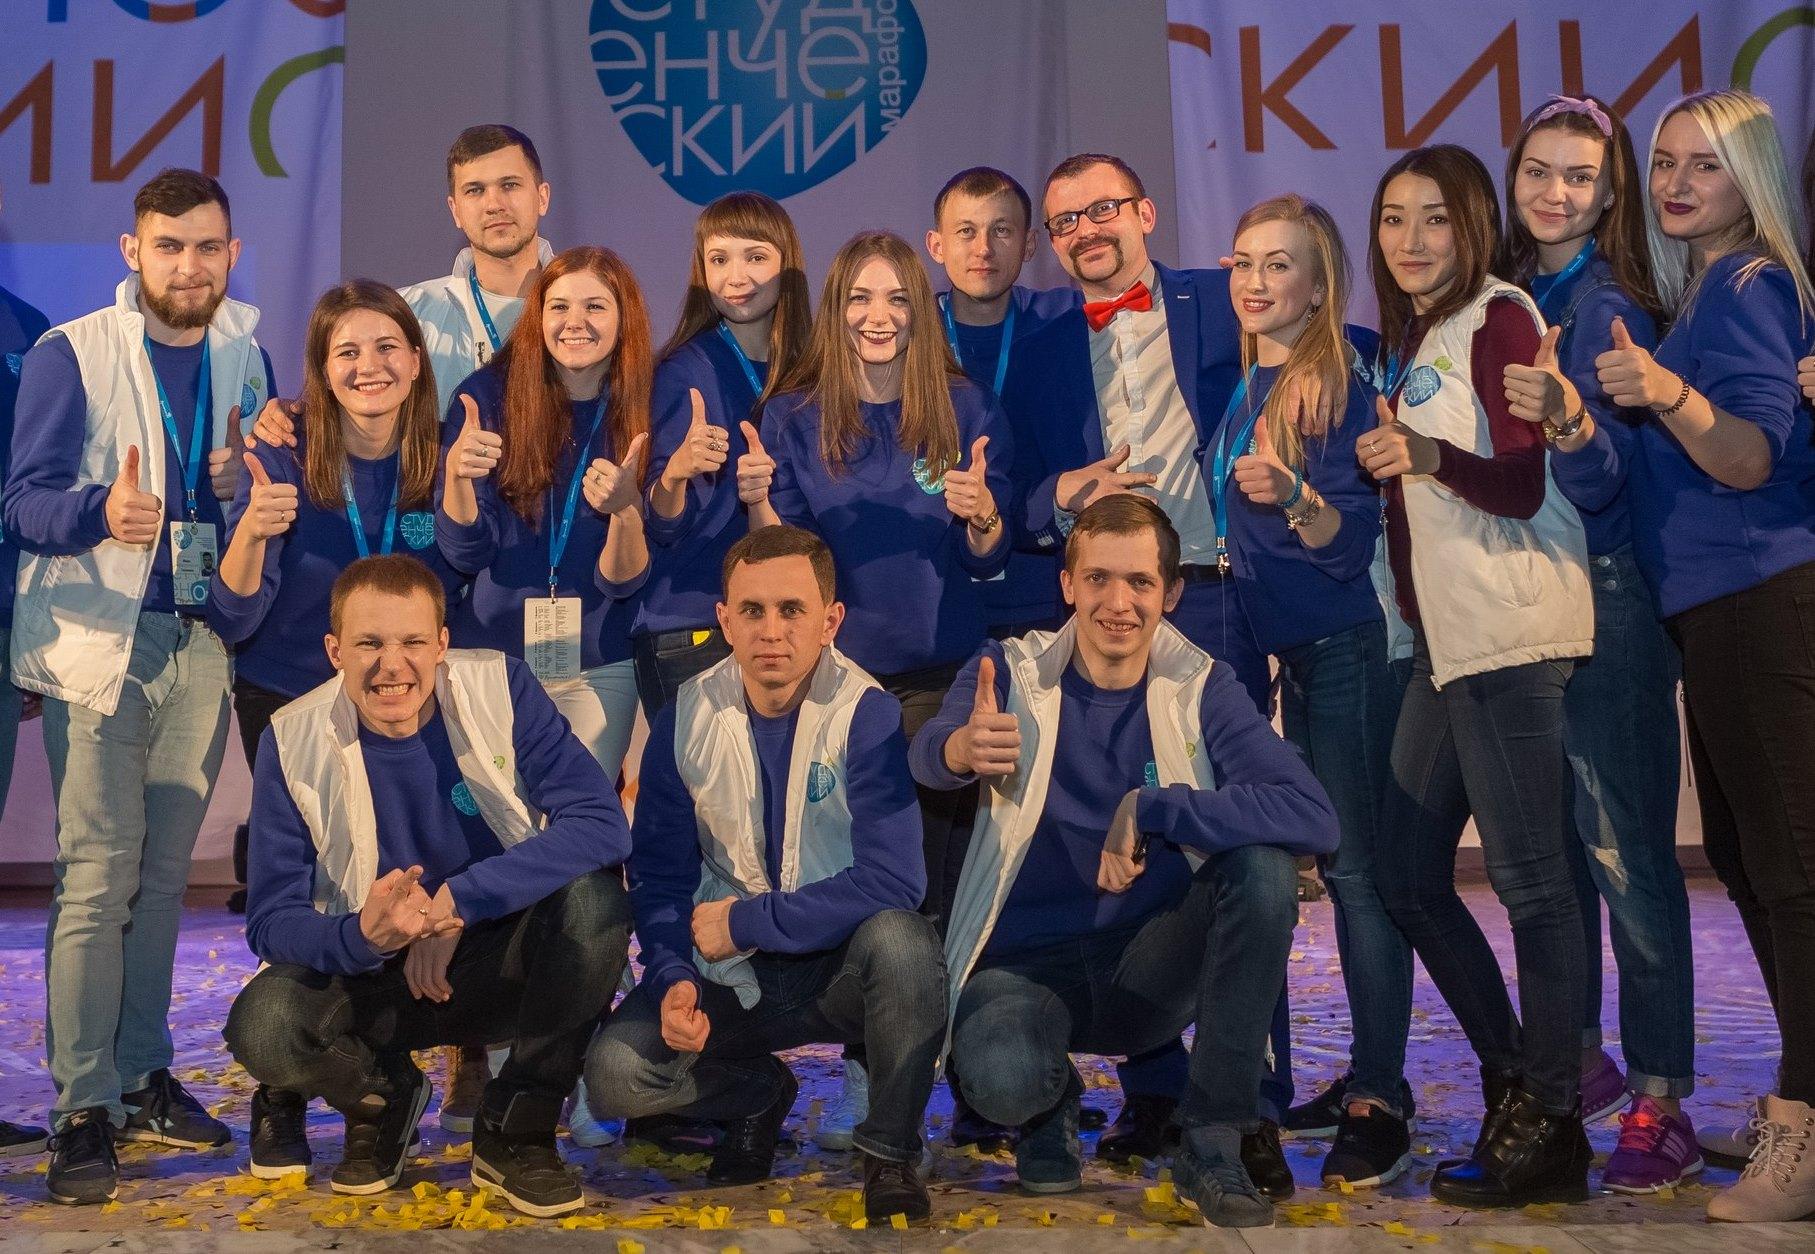 НаВсероссийском грантовом конкурсе дагестанская молодежь выиграла неменее 2,5 млн руб.